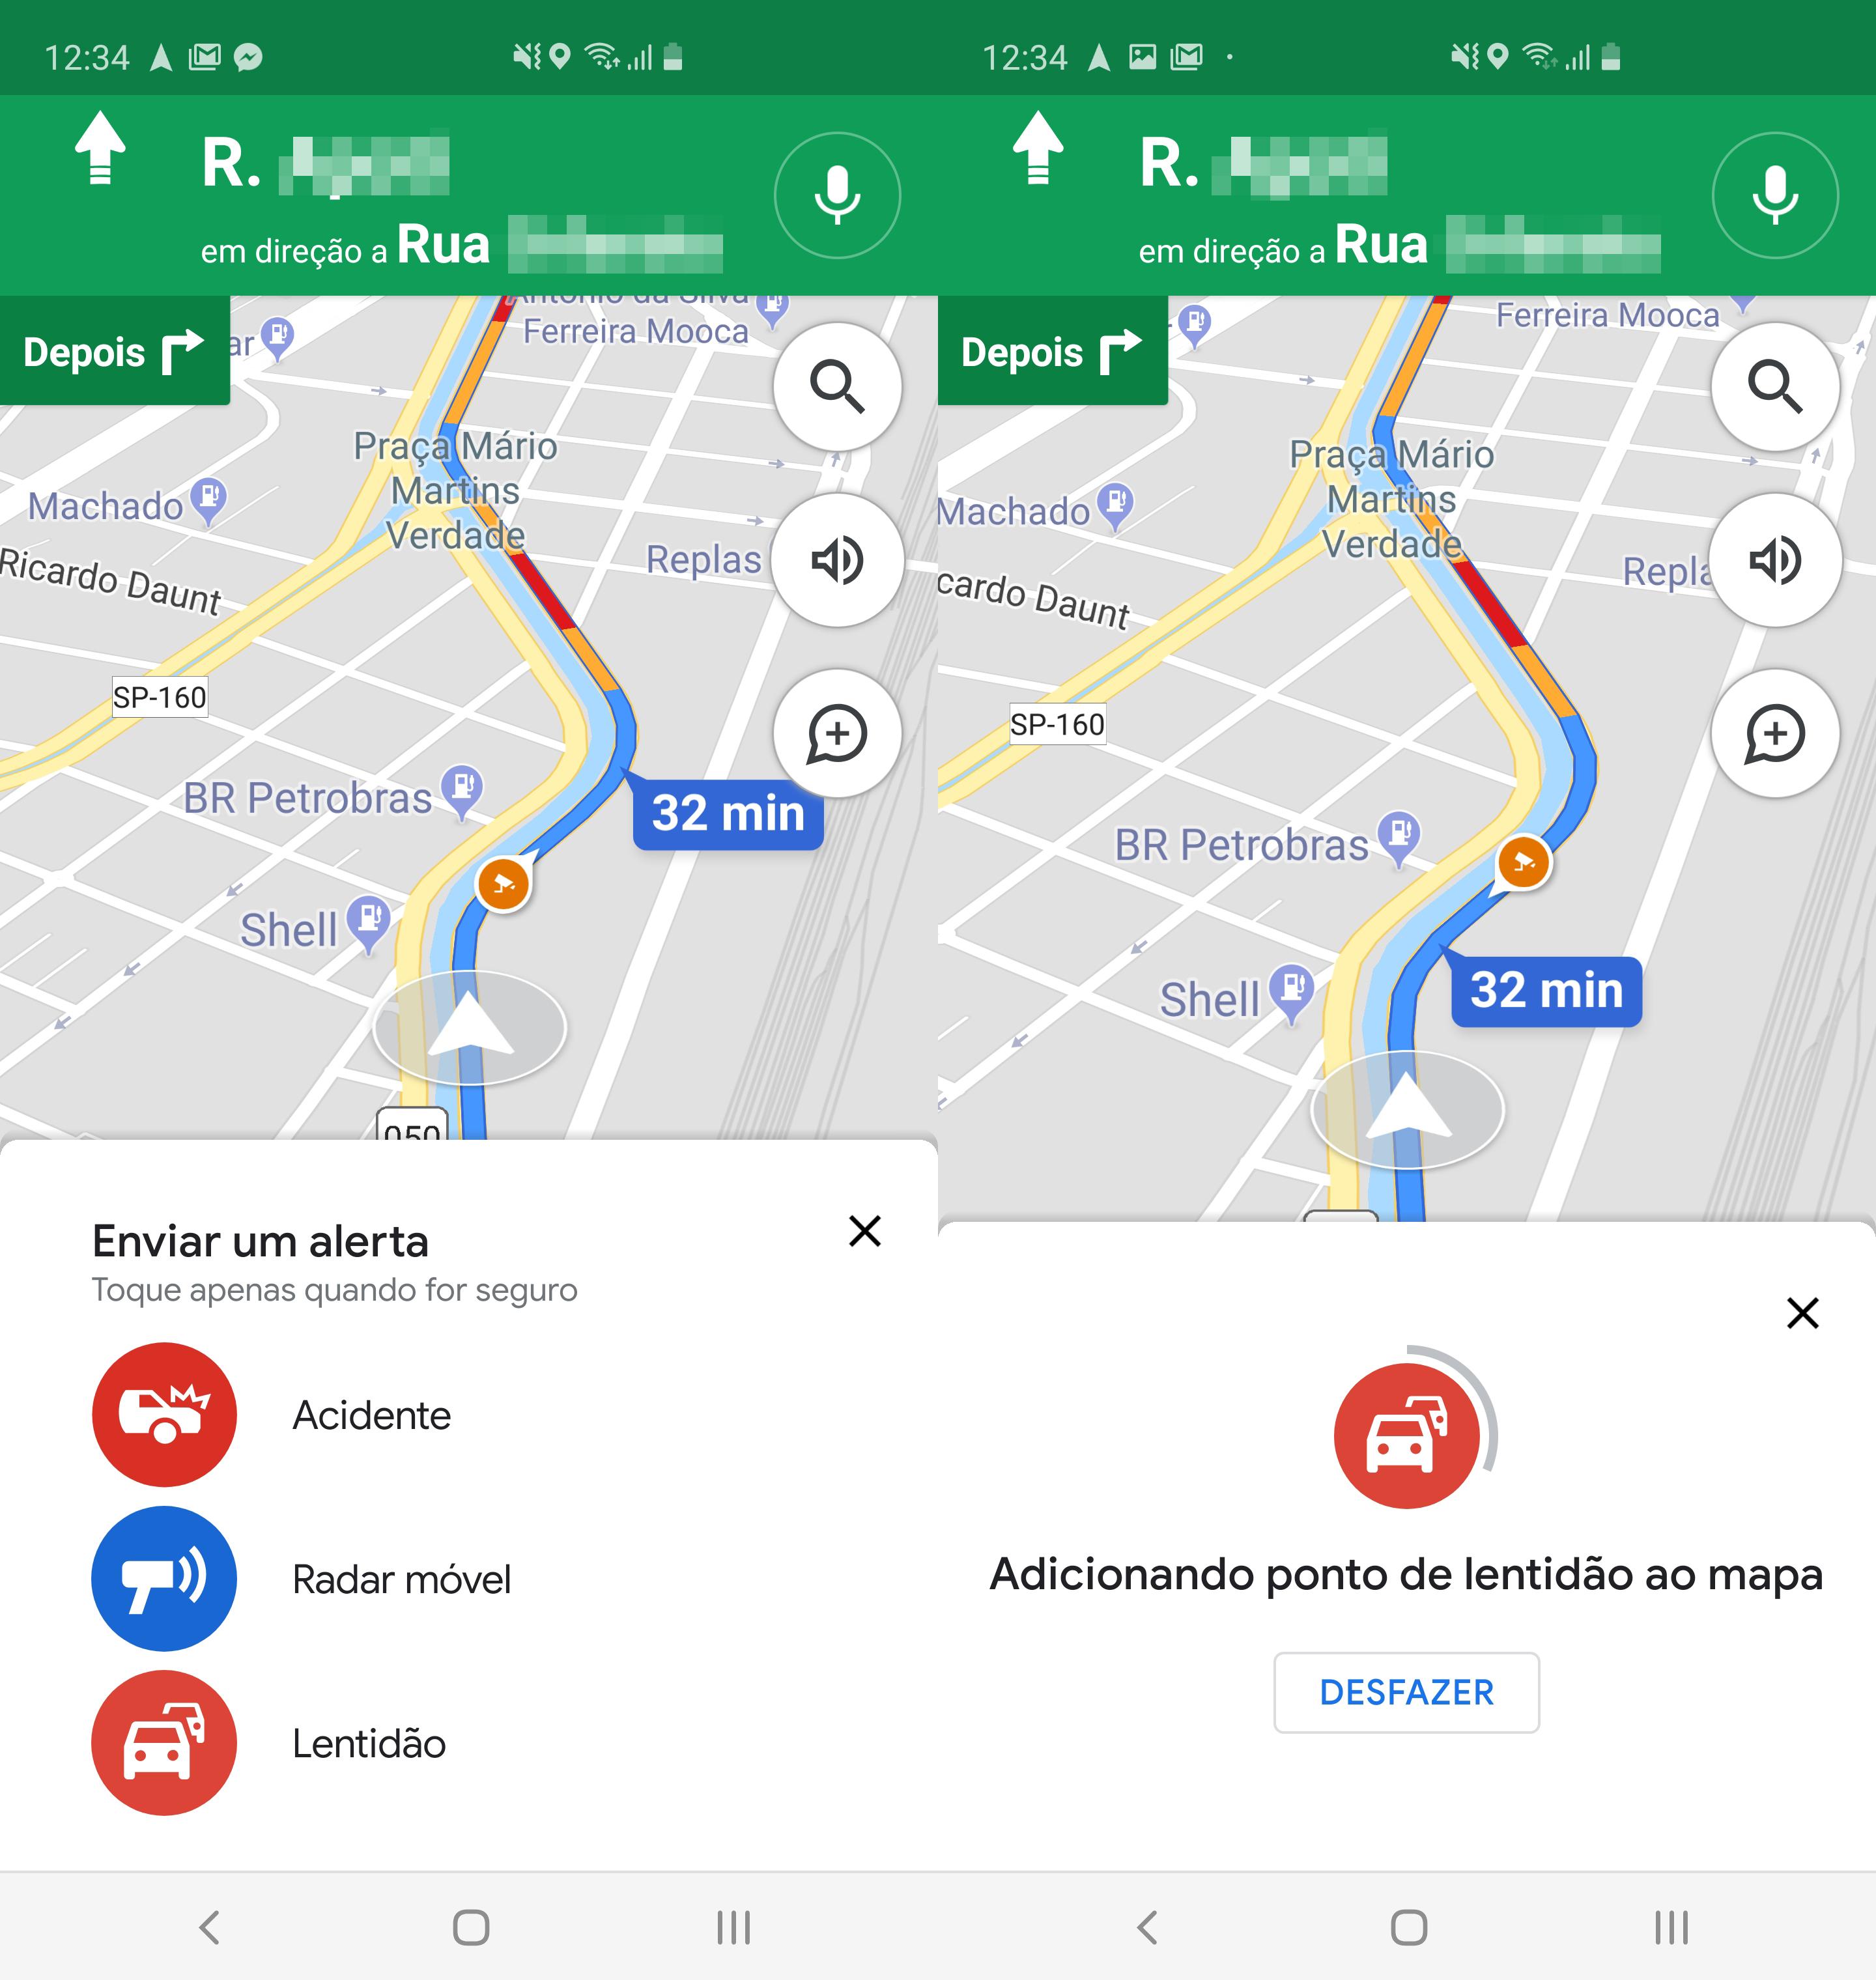 Opção de alertar lentidão no trânsito pelo Google Maps